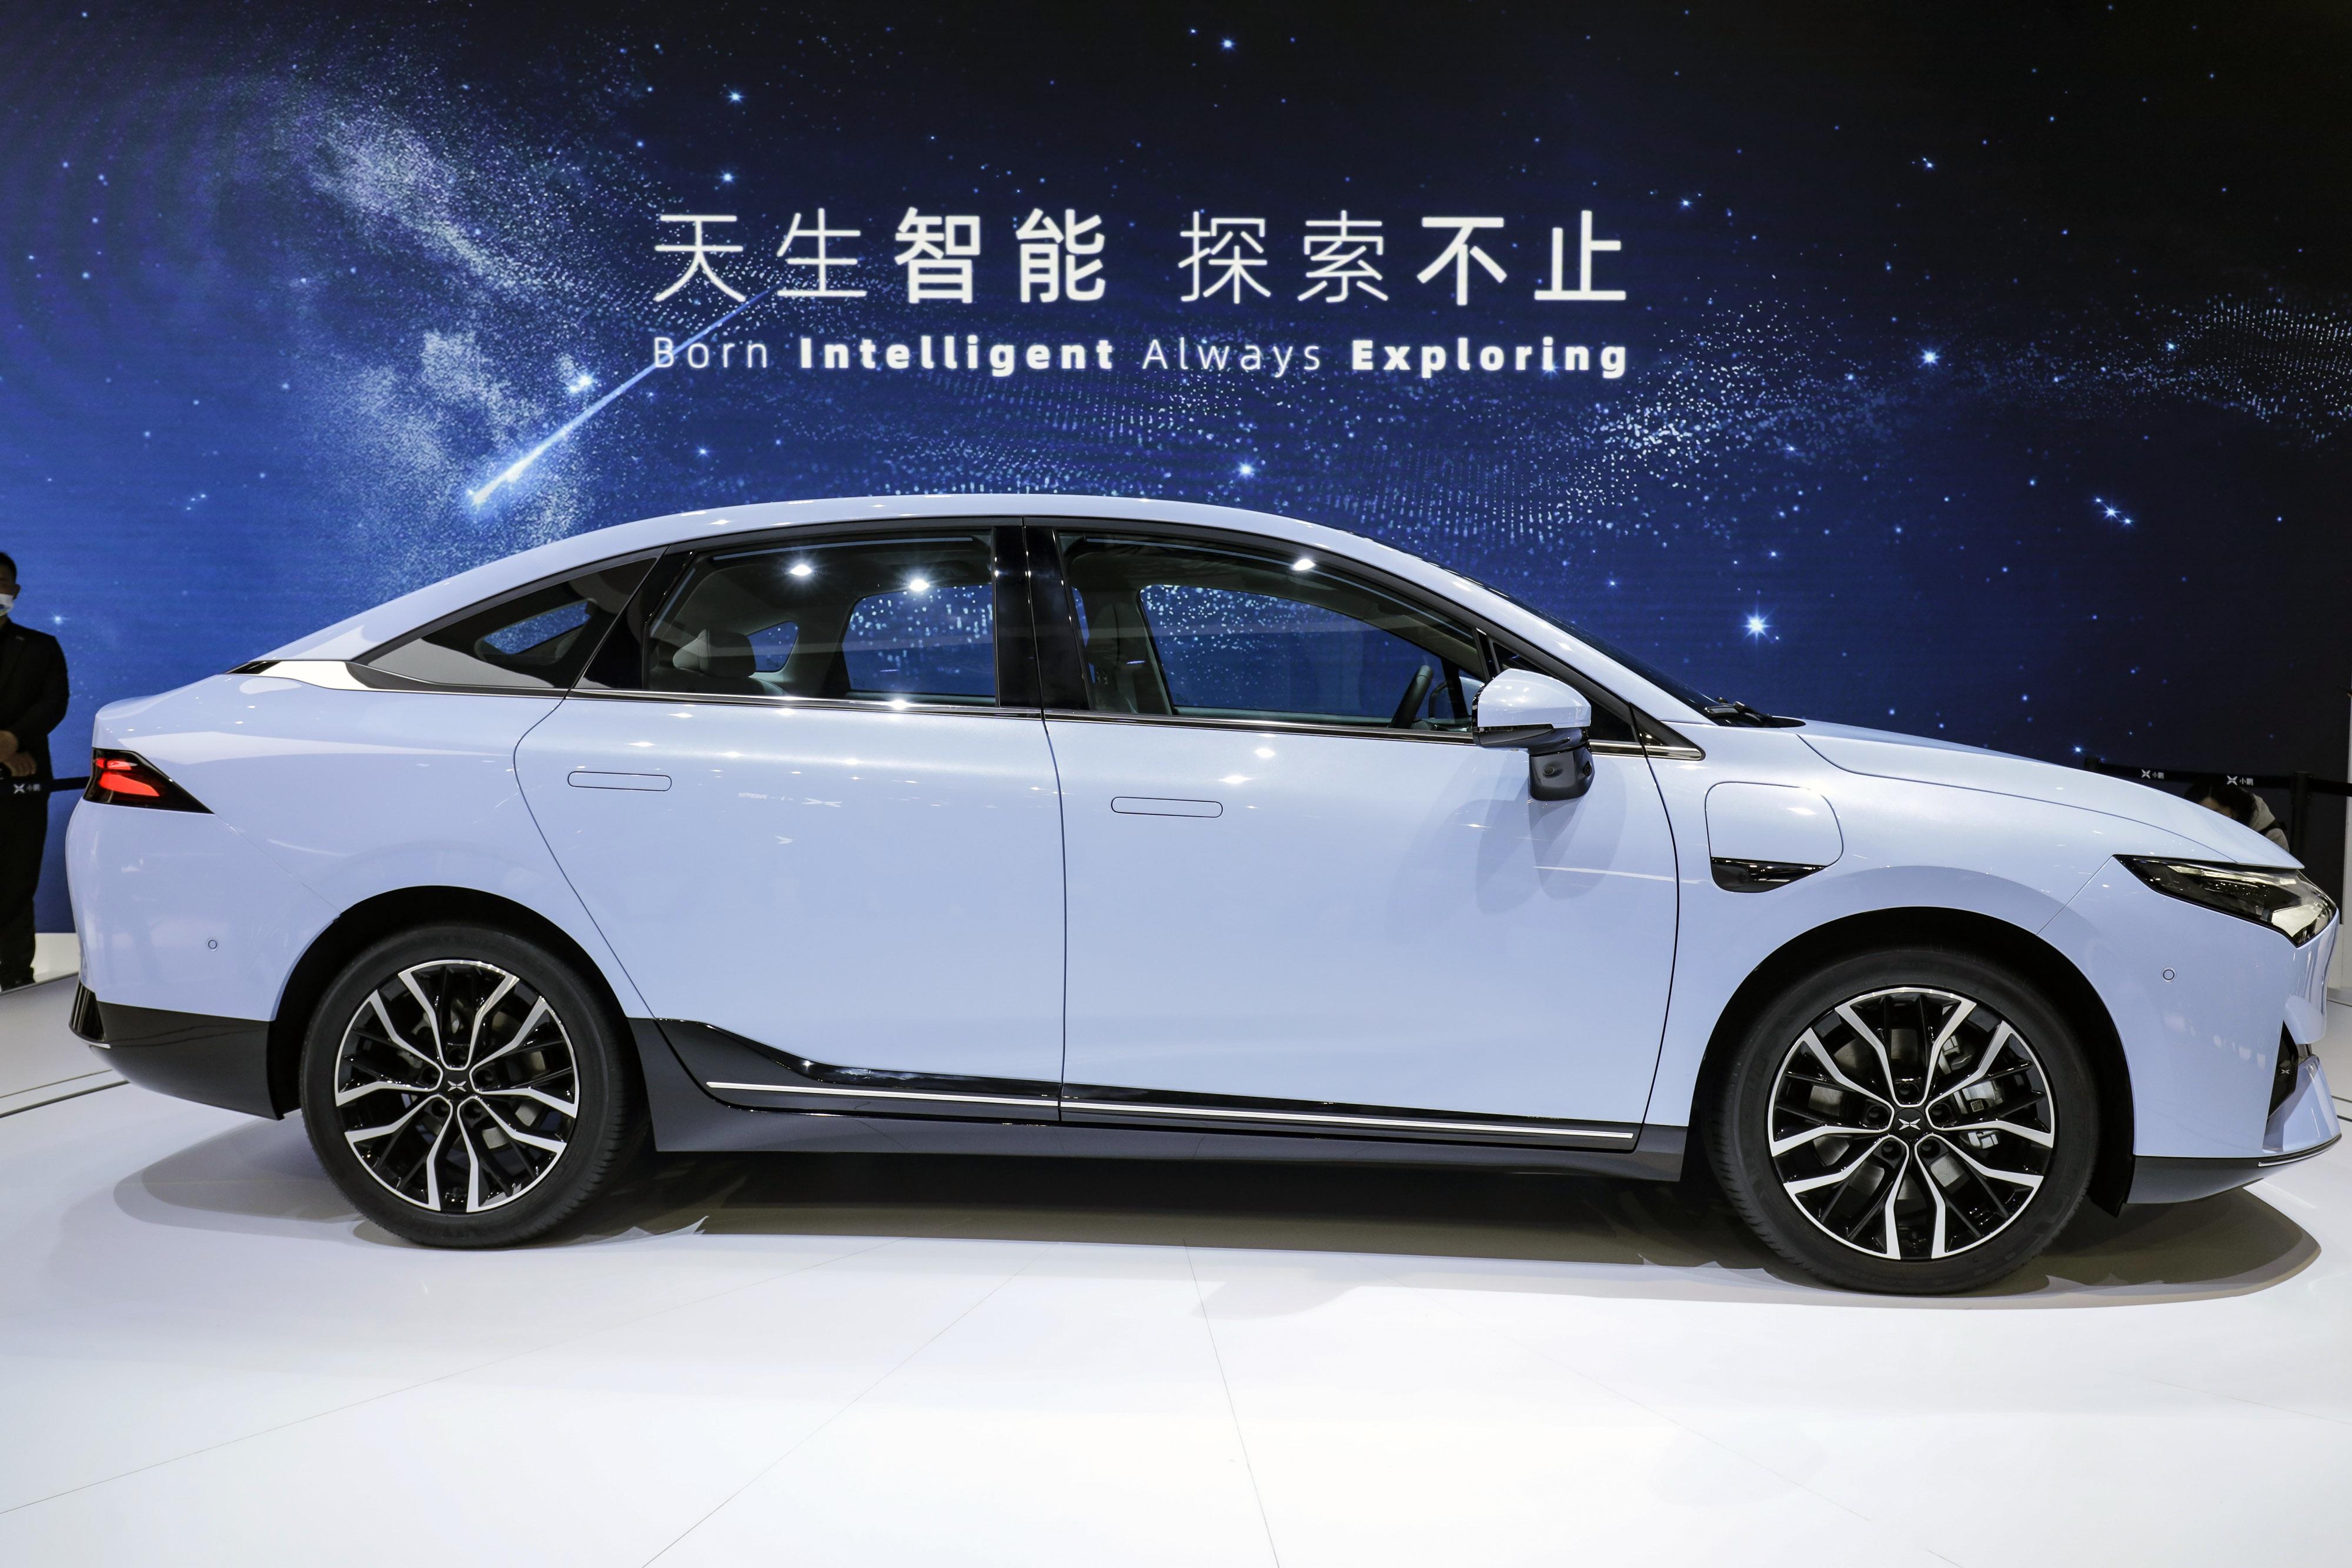 Triển lãm ô tô Thượng Hải 2021: Cuộc phô diễn của xe chạy điện Trung Quốc - 8